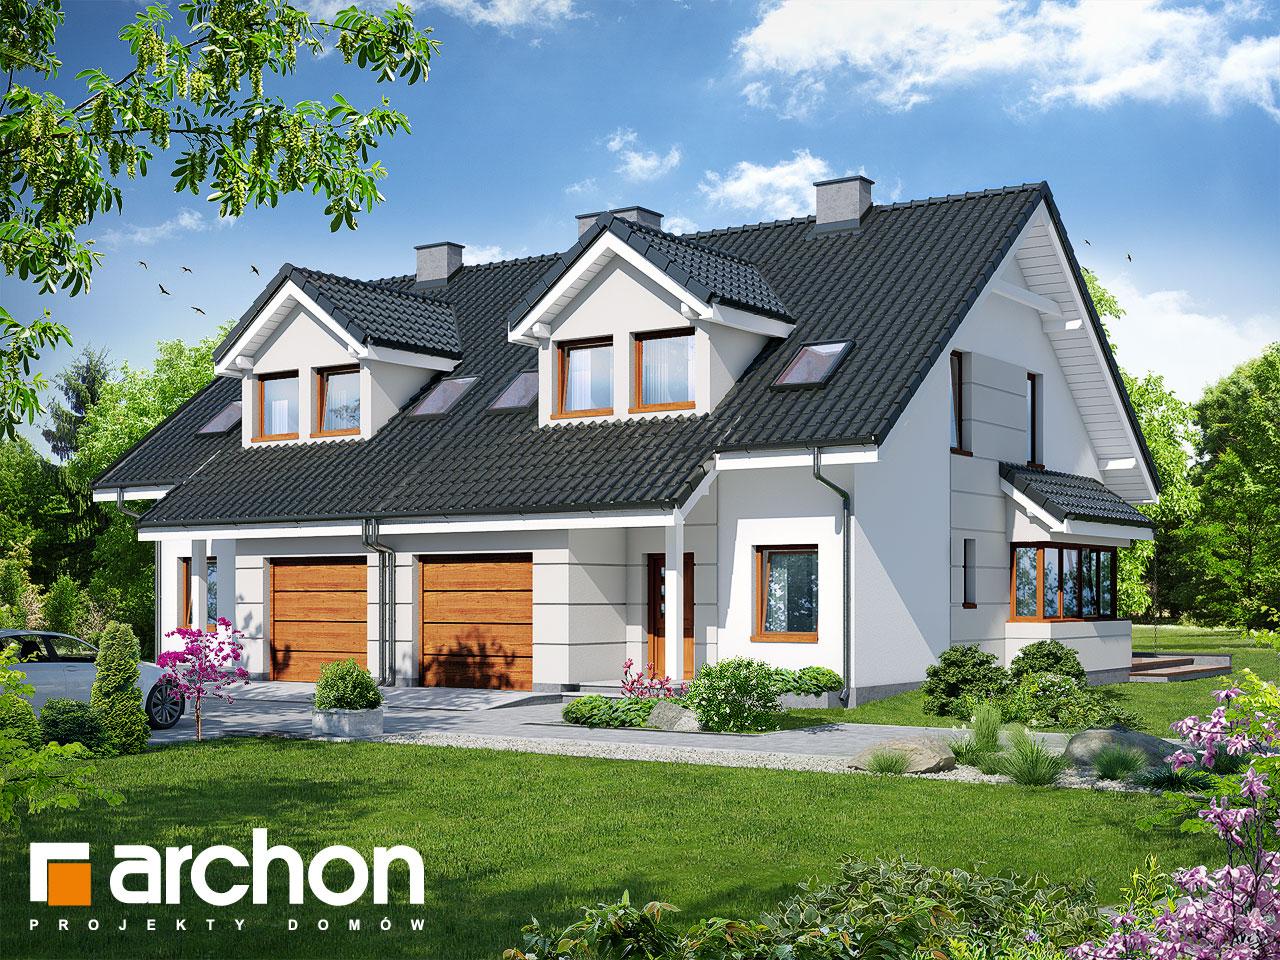 Проект будинку ARCHON+ Будинок в клематисах 7 (Б) ver.3 візуалізація усіх сегментів